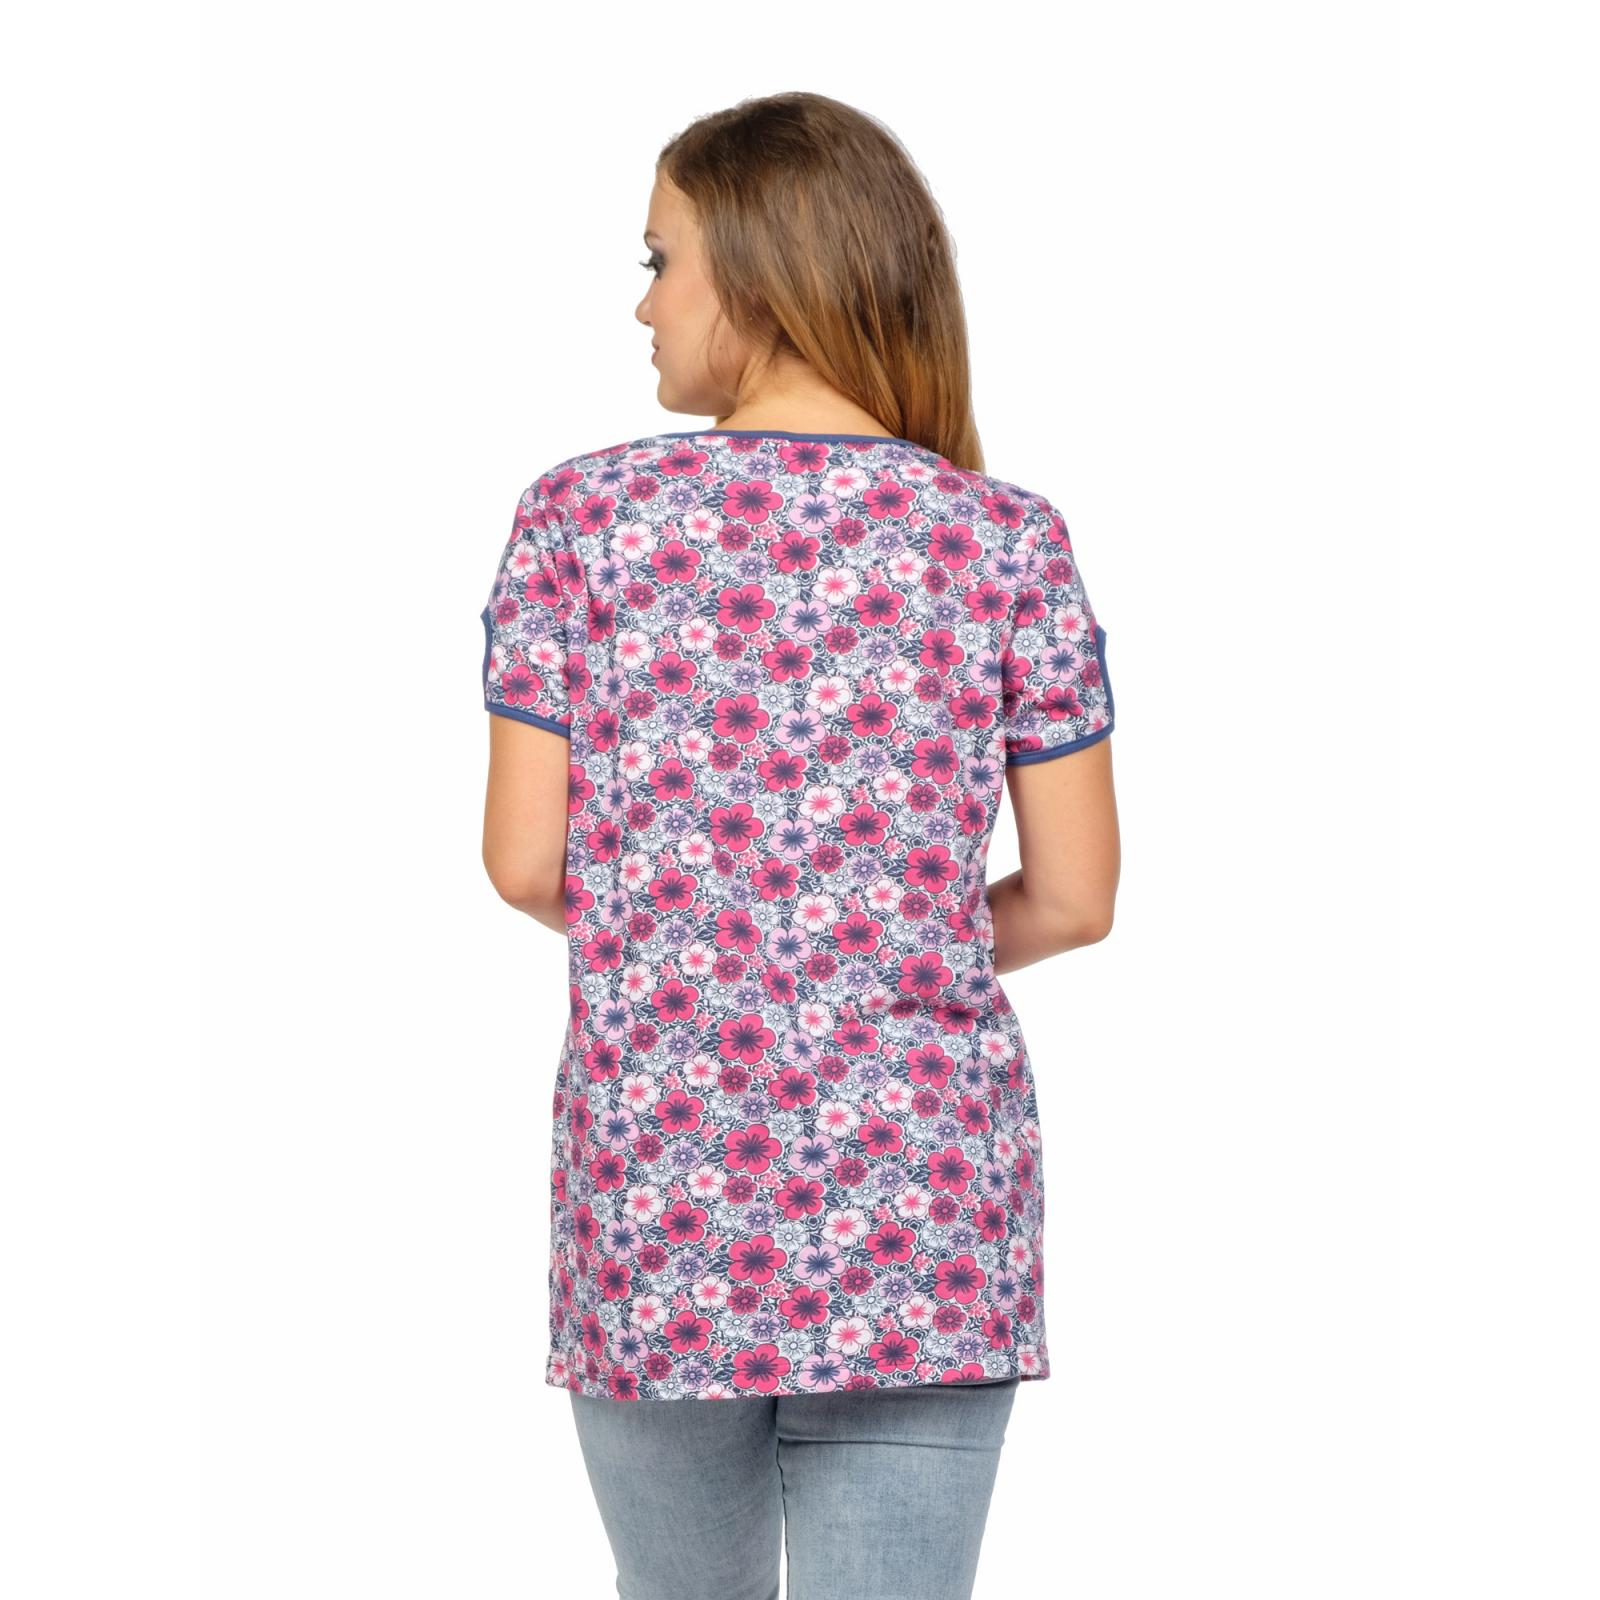 Туника розовая Цветы М-0131Р